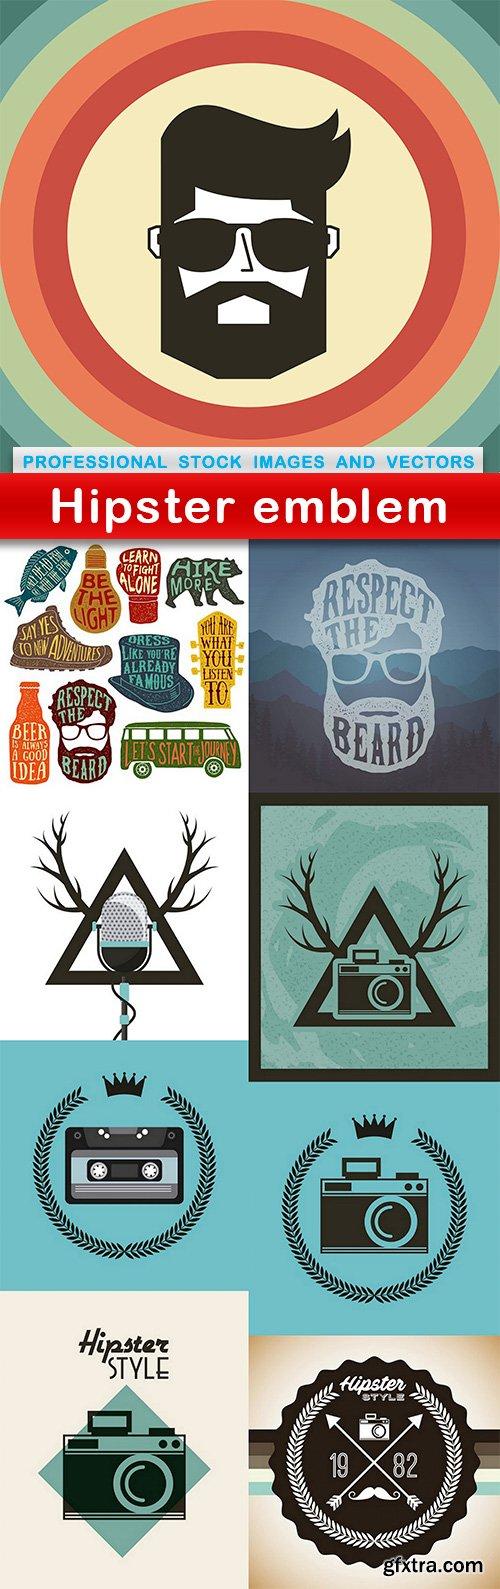 Hipster emblem - 9 EPS